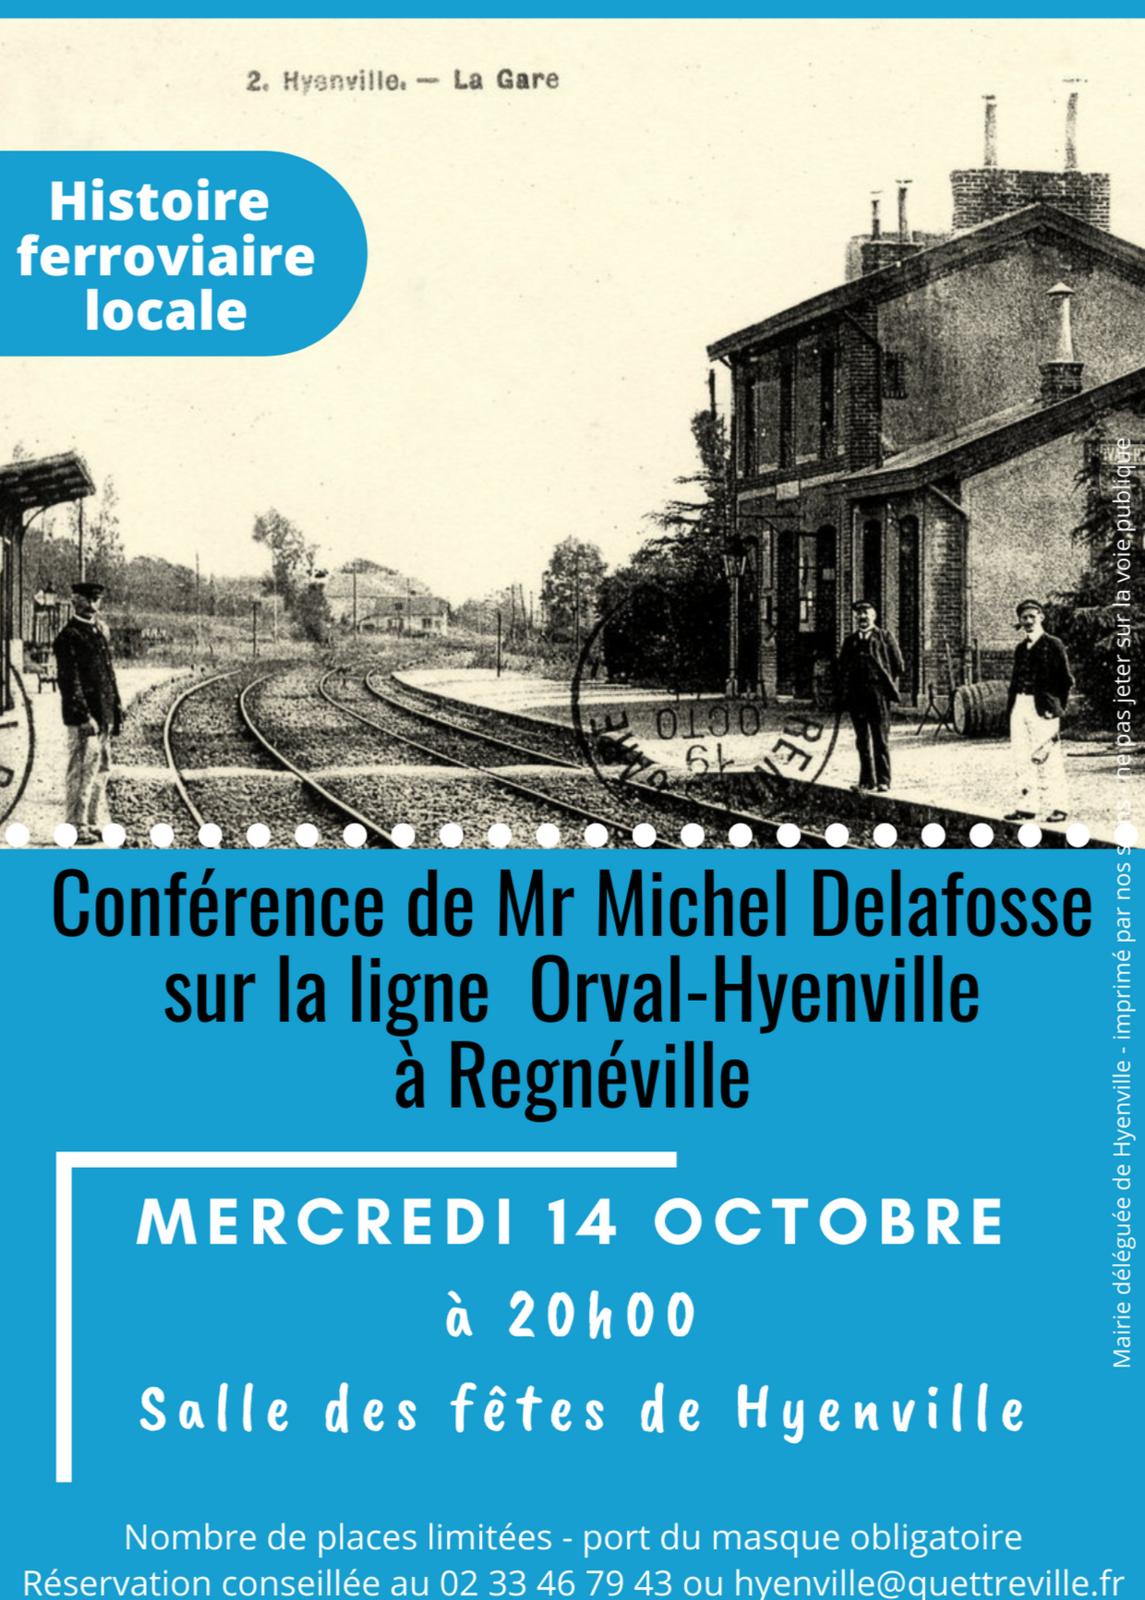 Conférence sur l'ancienne ligne Orval-Hyenville, mercredi 14 octobre à Hyenville